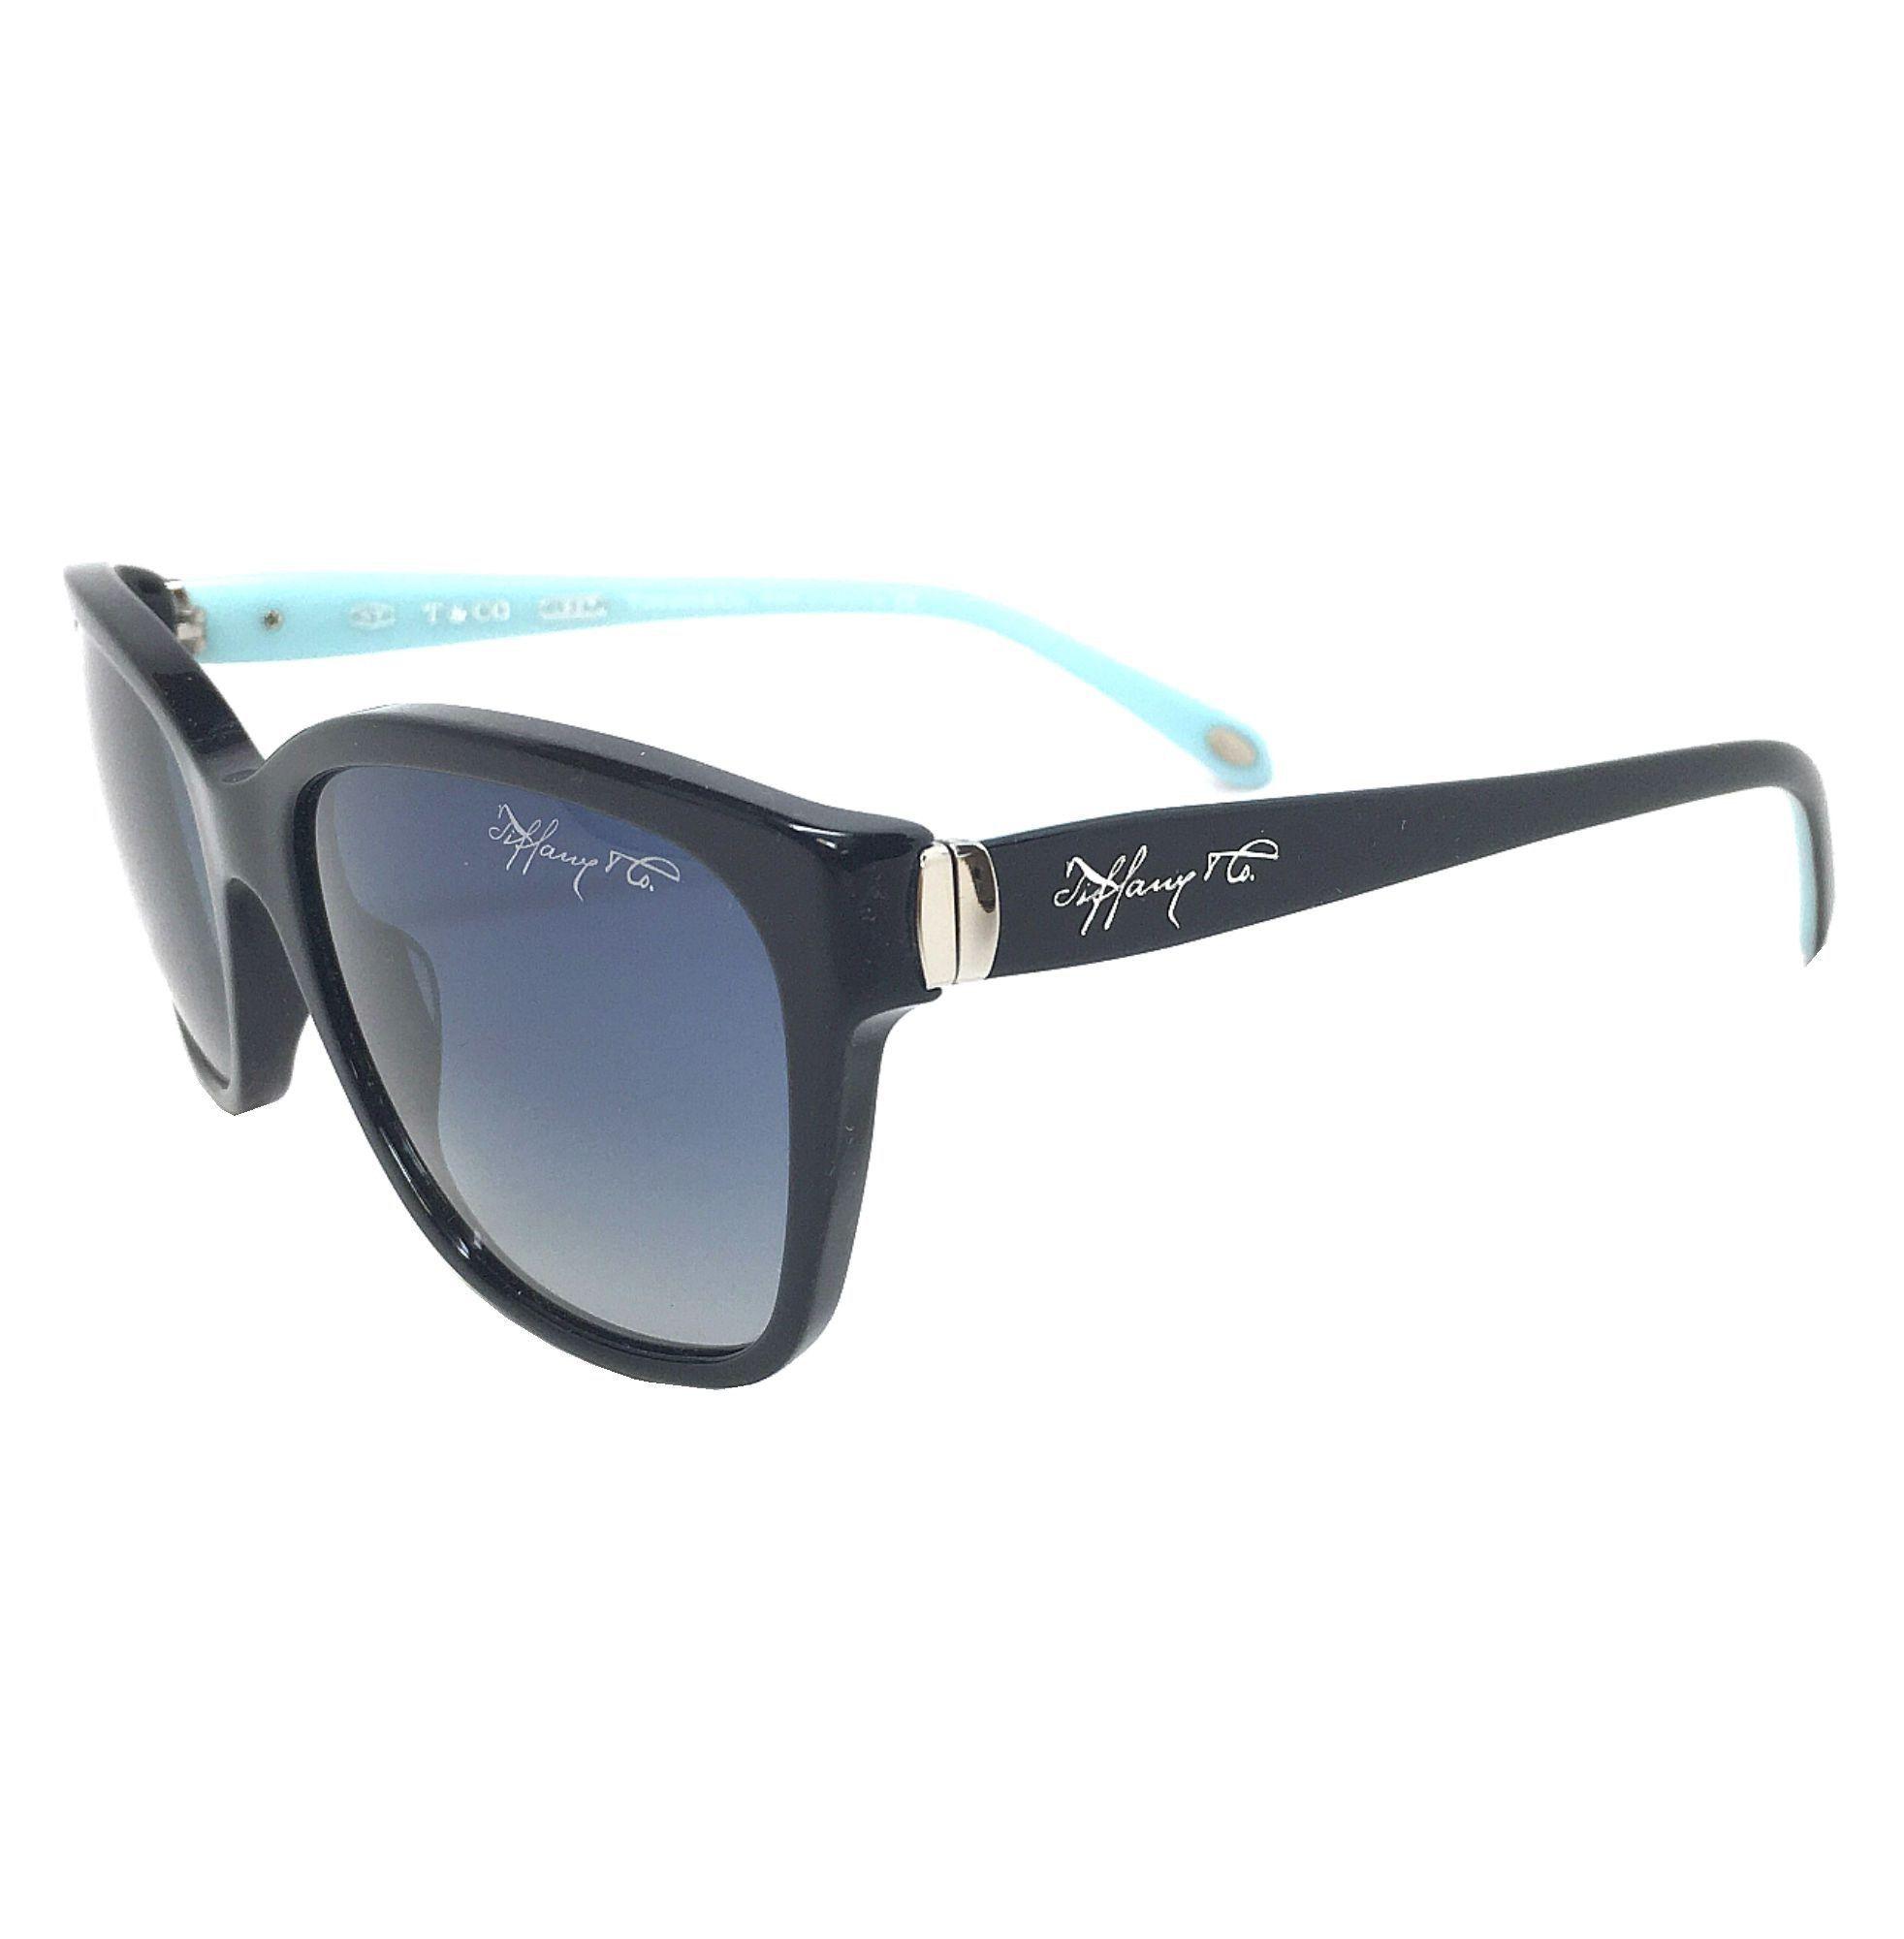 d821b180d8 Tiffany   Co. TF4083 80014L Black  Blue Gradient 56mm Sunglasses ...